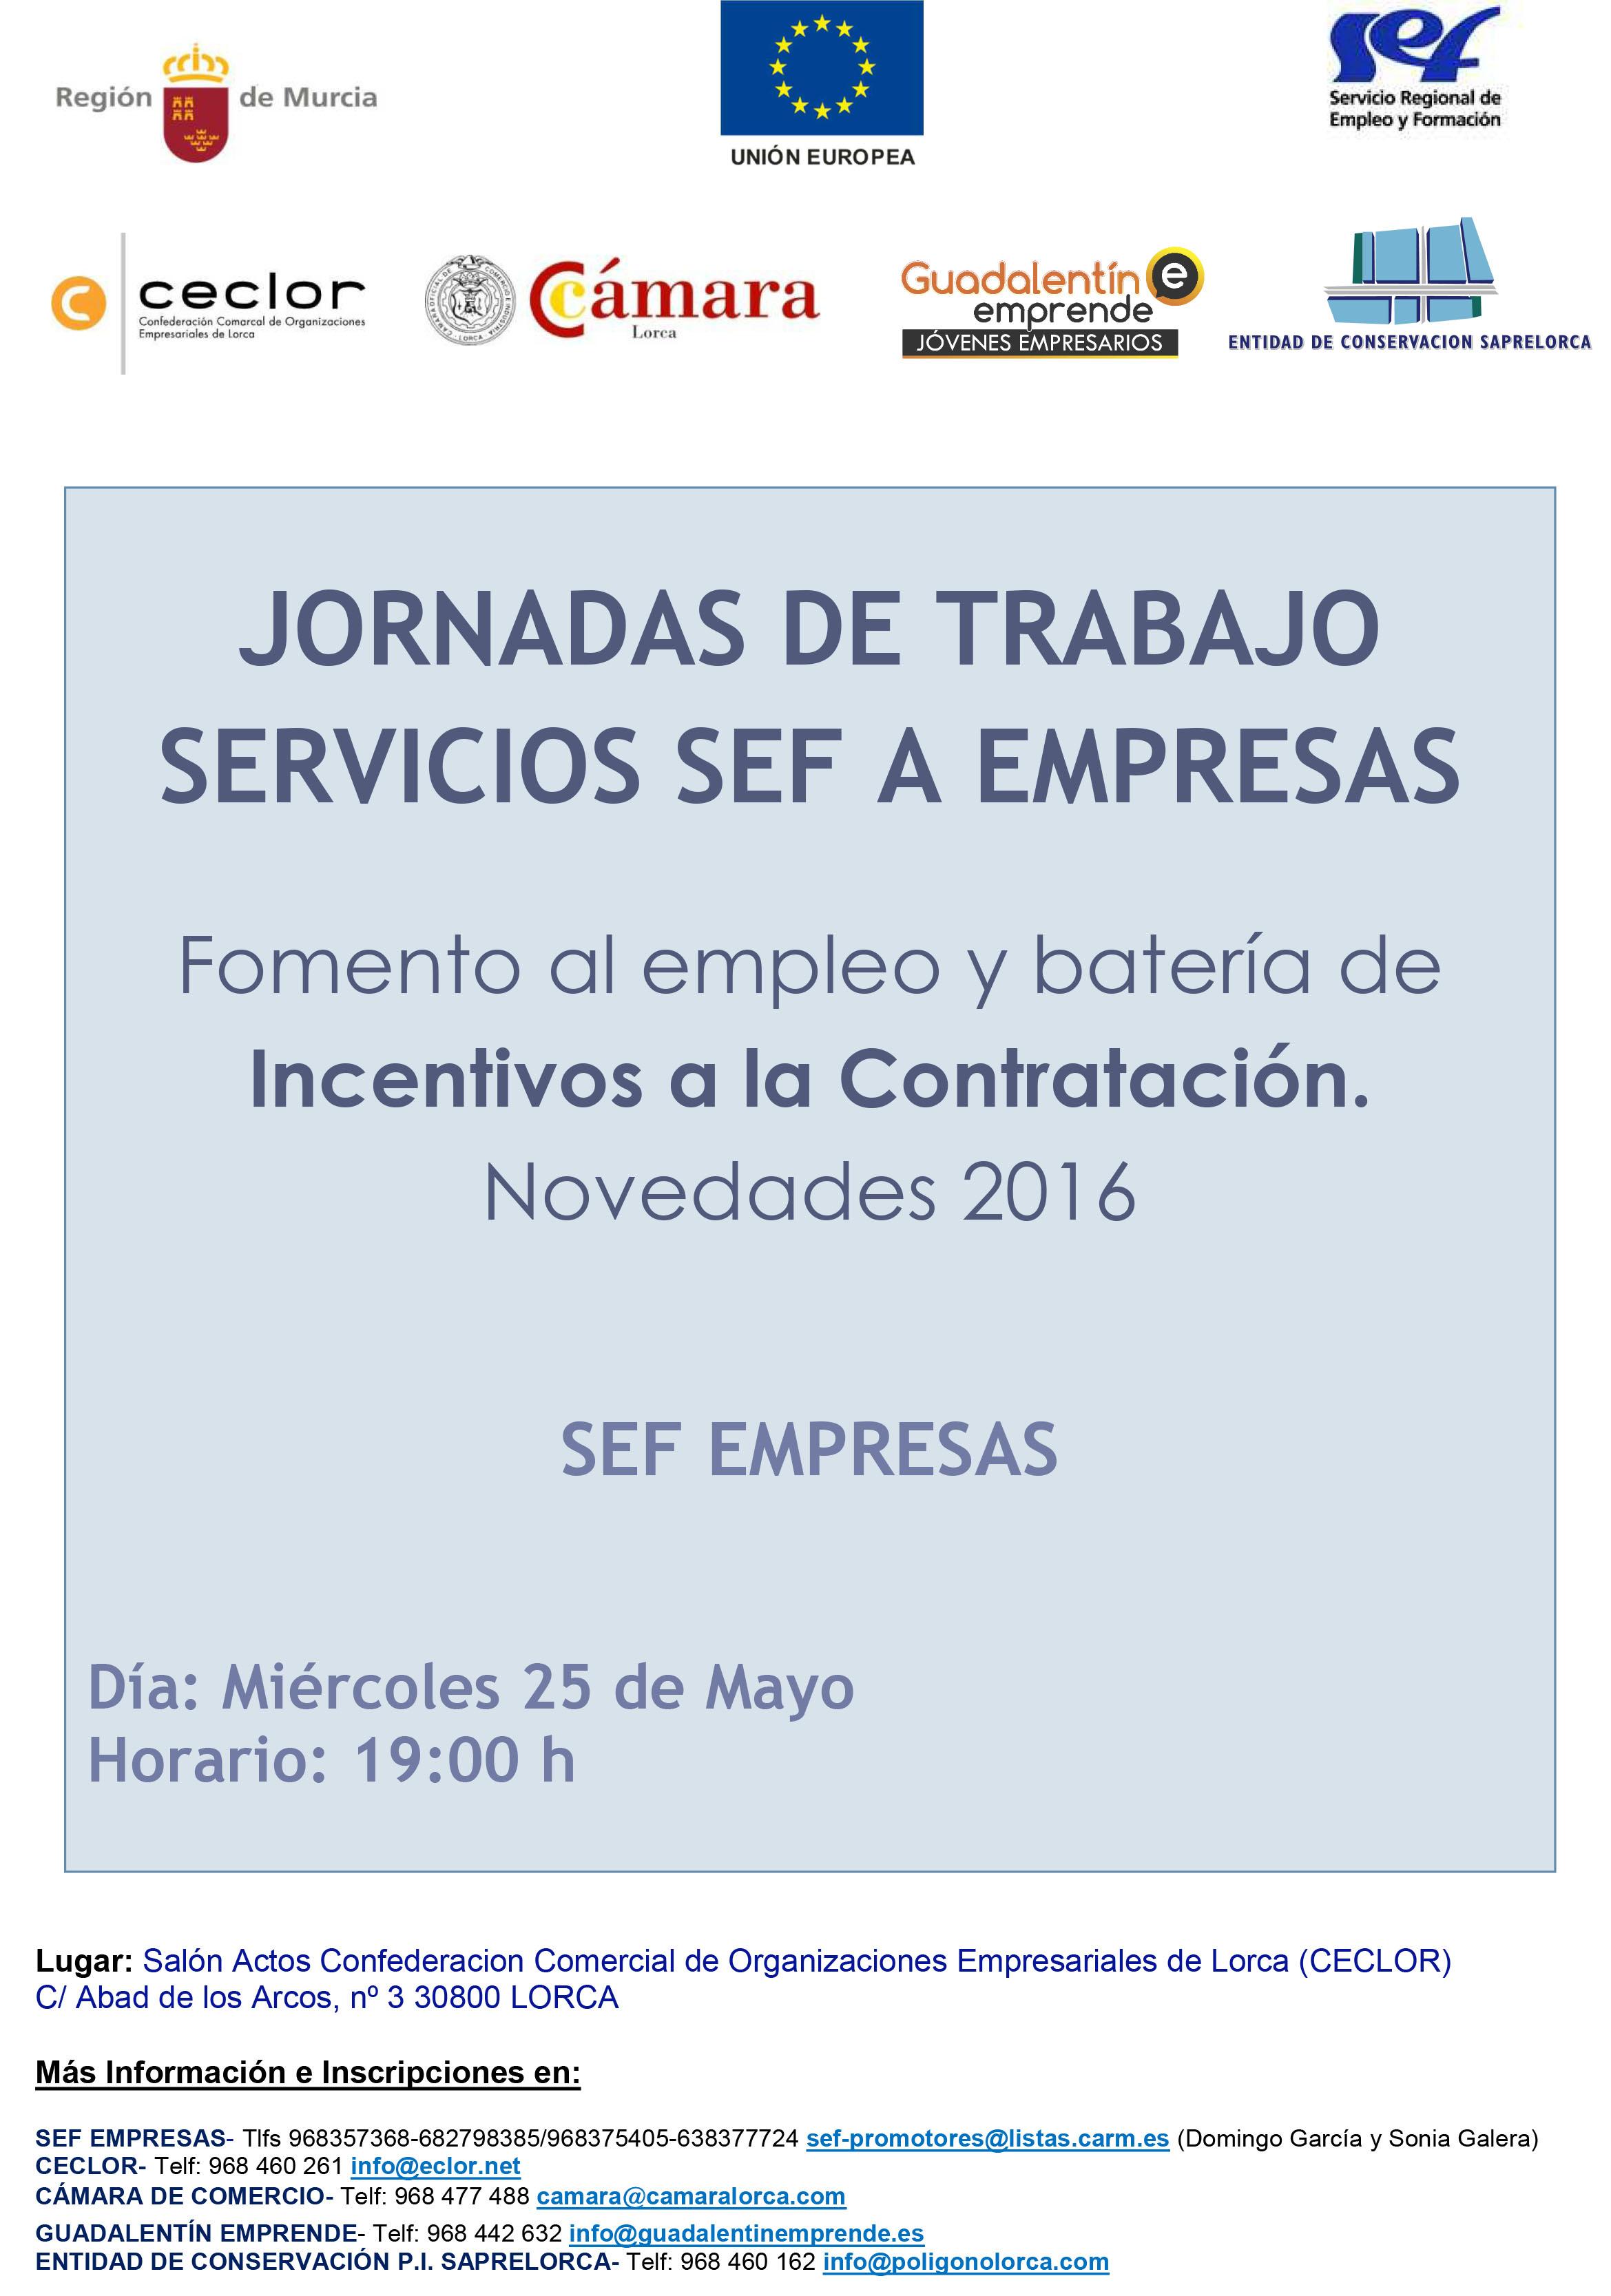 Jornada Fomento empleo e Incentivos contratación